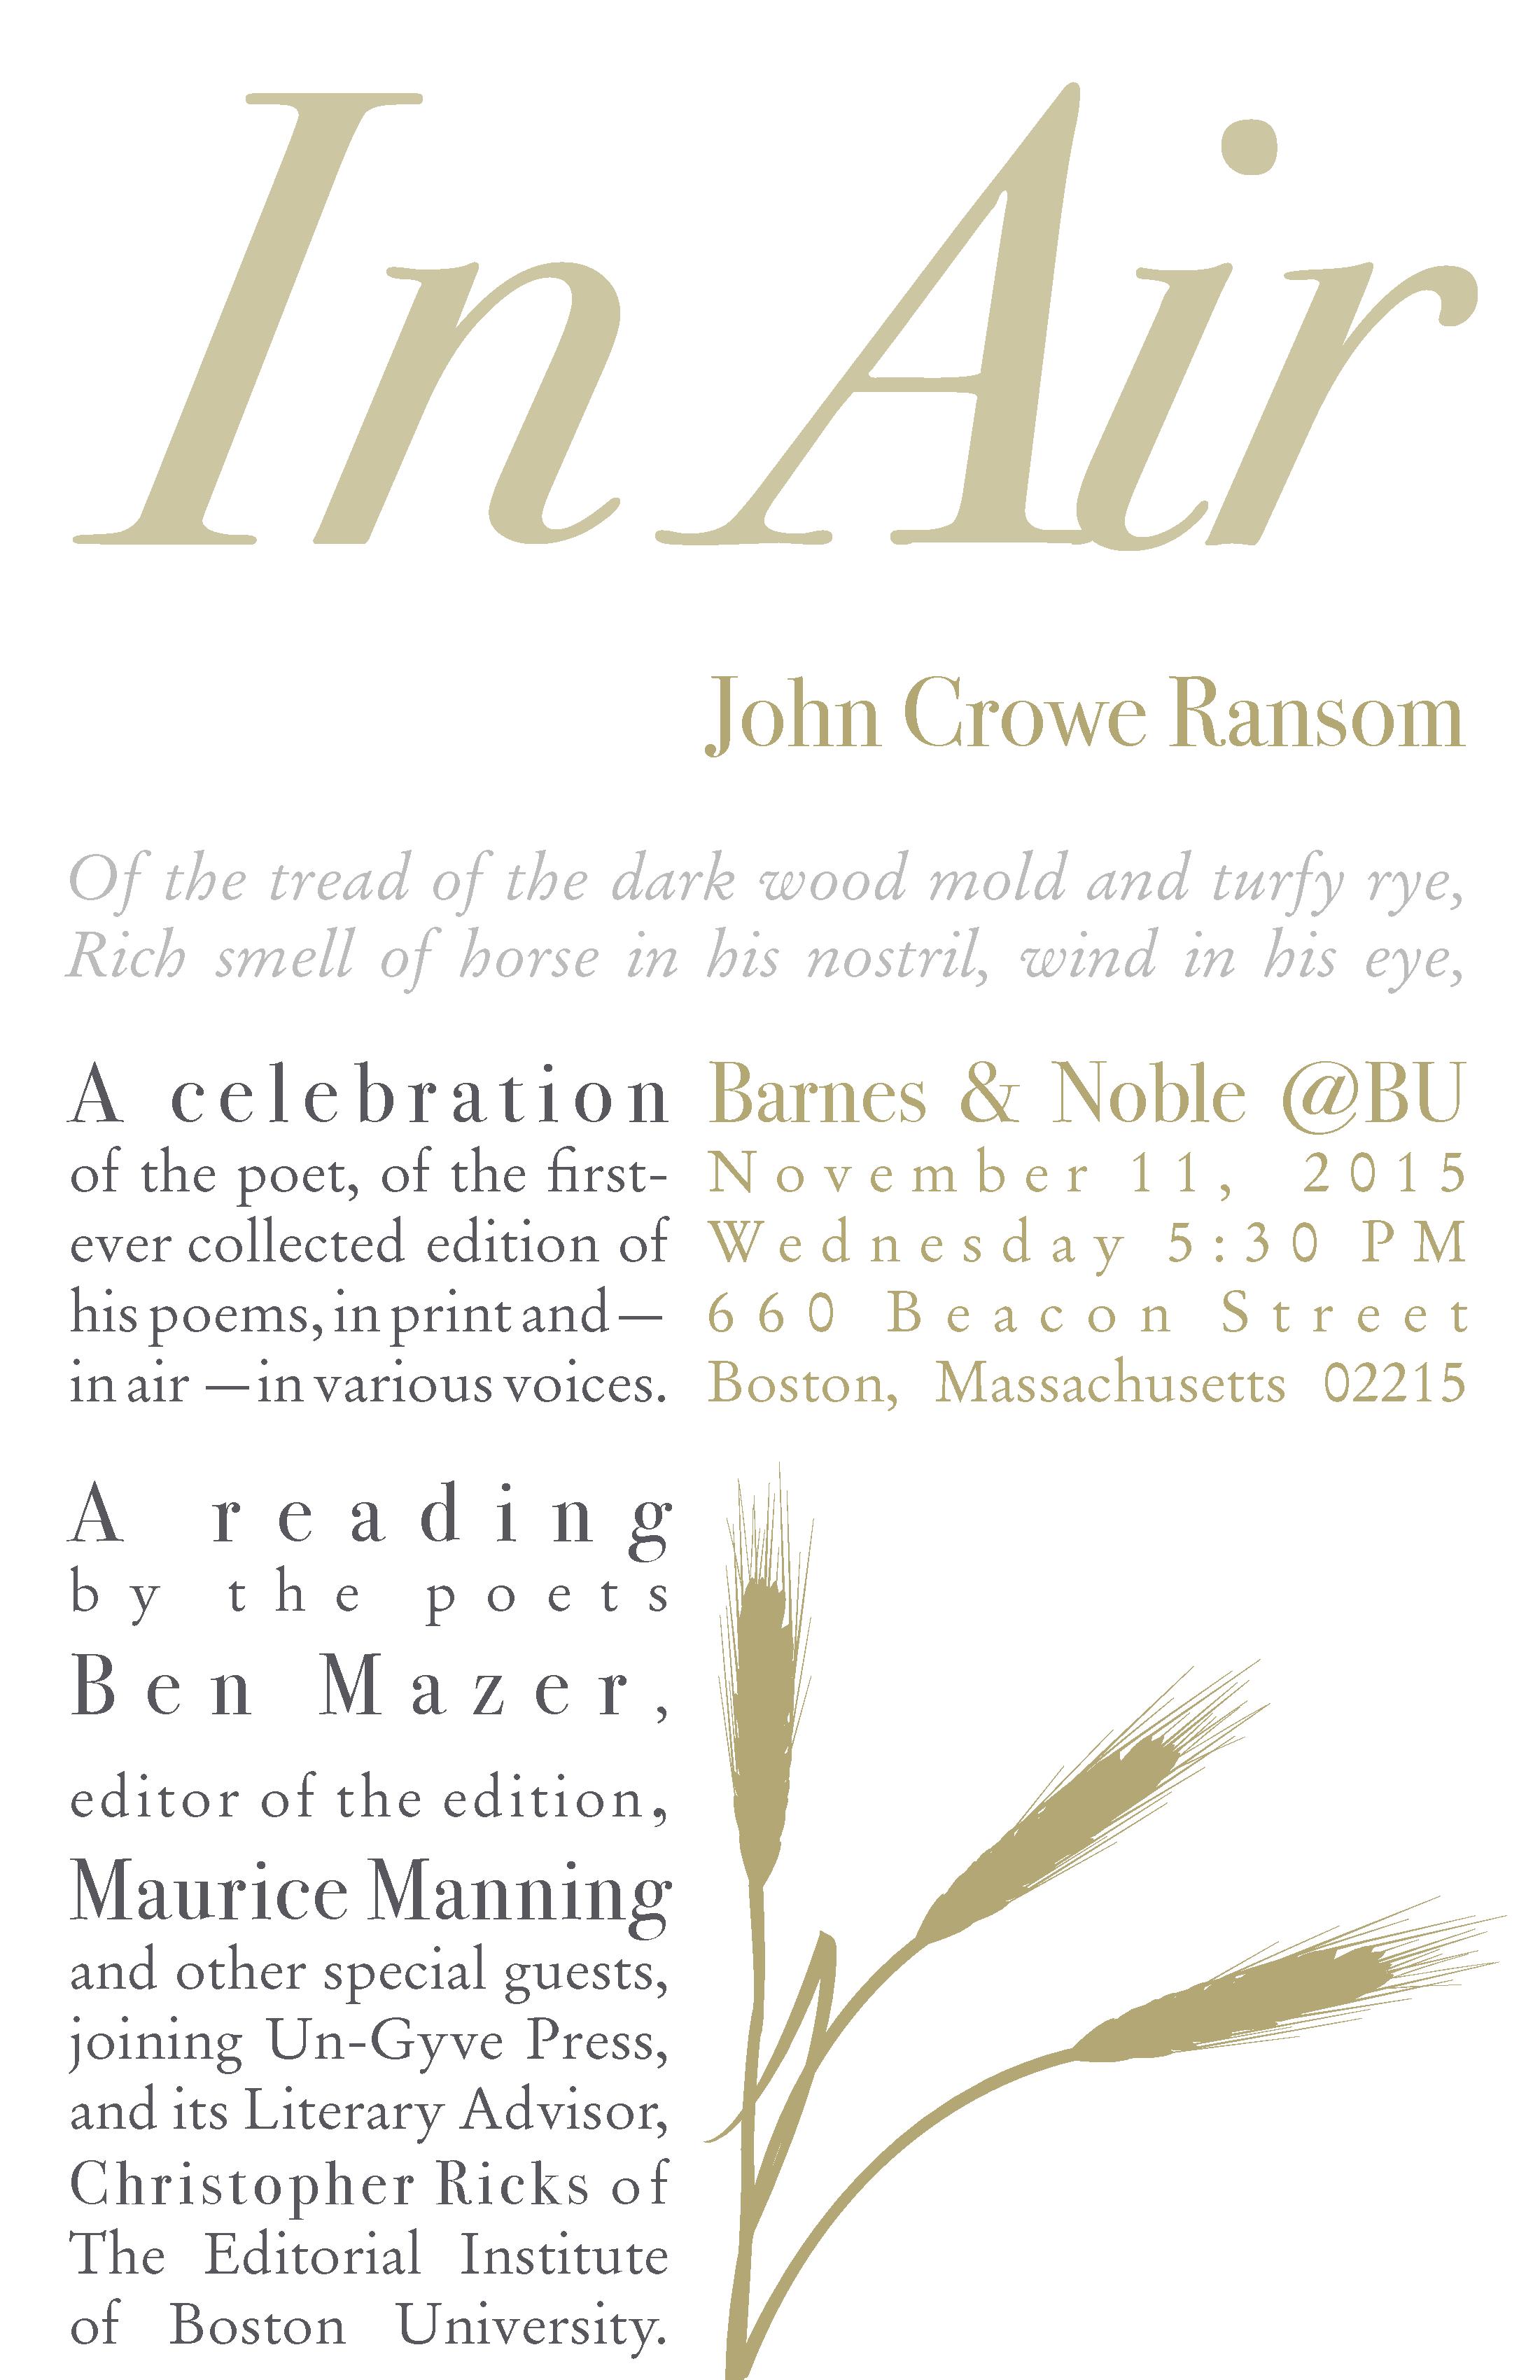 In Air: John Crowe Ransom 11/11/15